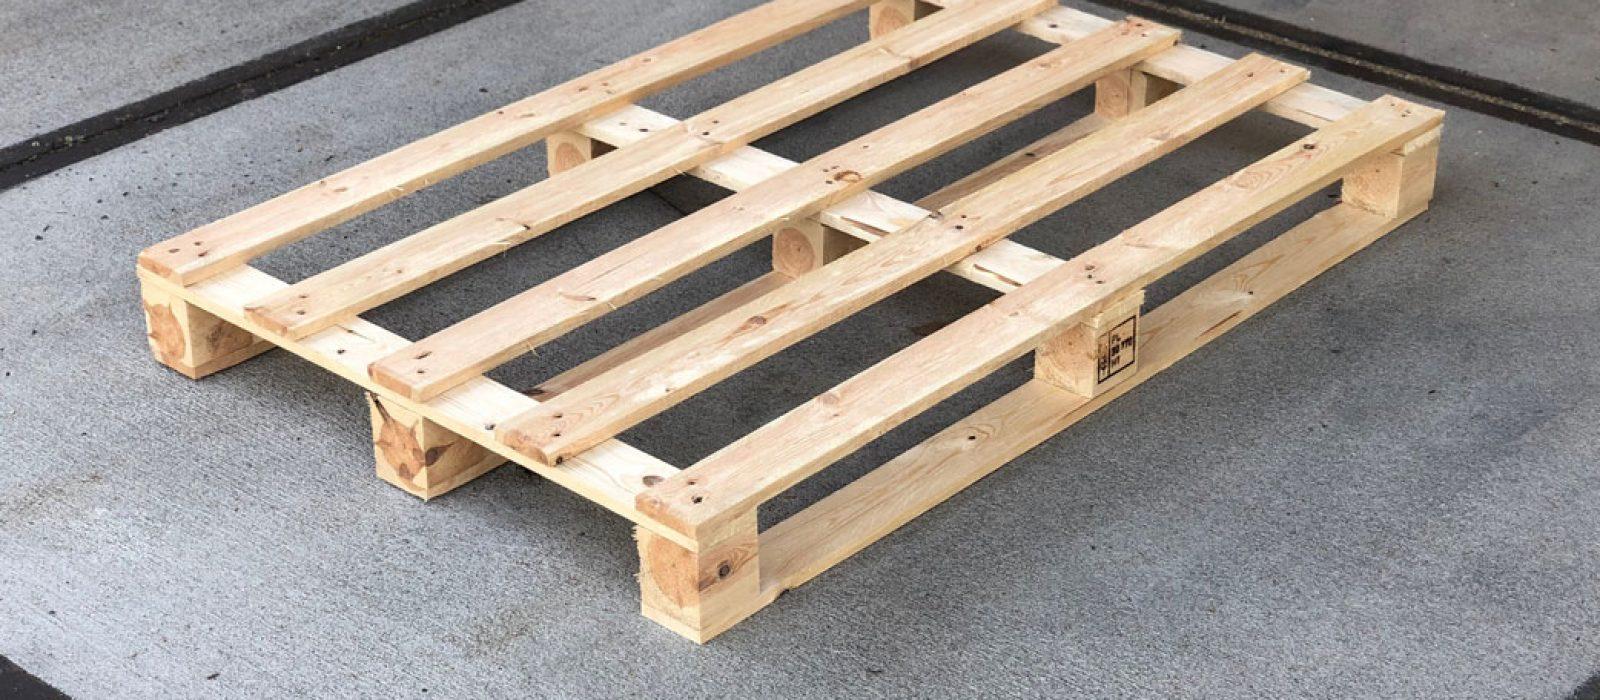 Einwegpalette-1200×800-mm-5-Deck-LOGPOL